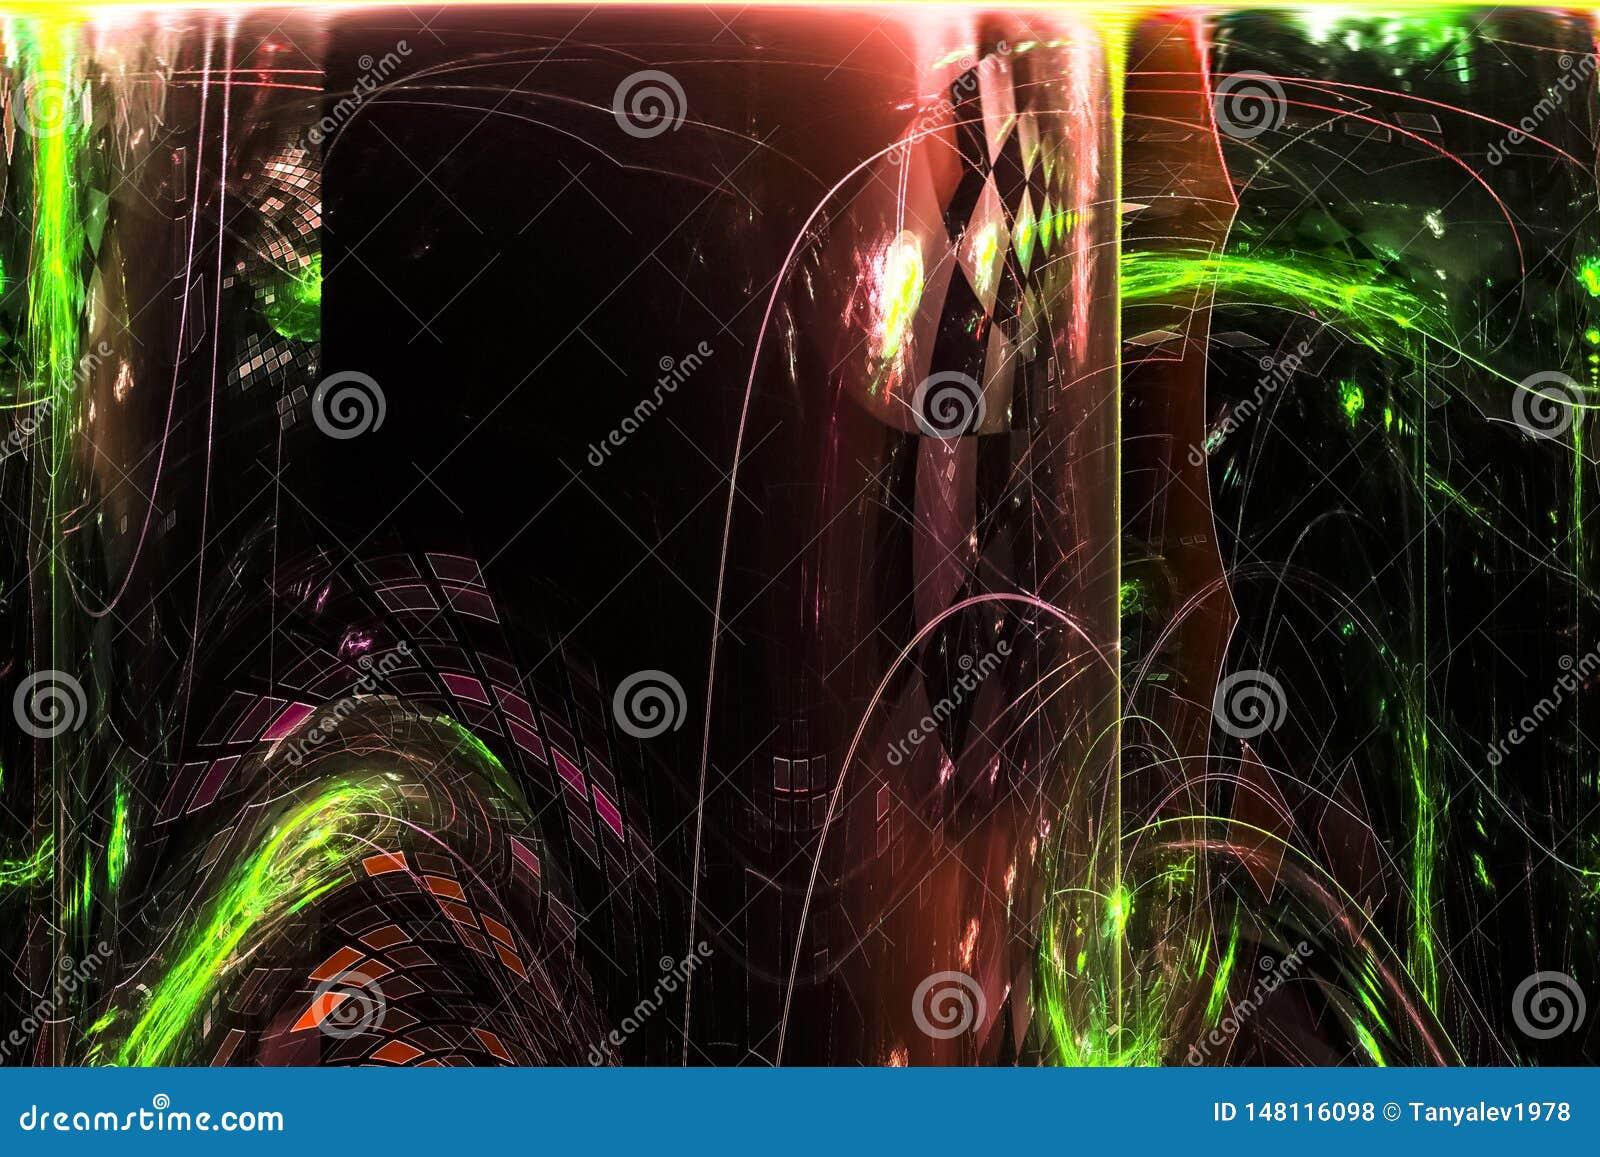 抽象数字,科学创造性的火花能量分数维焕发模板躺在了幻想现代设计魔术动力学